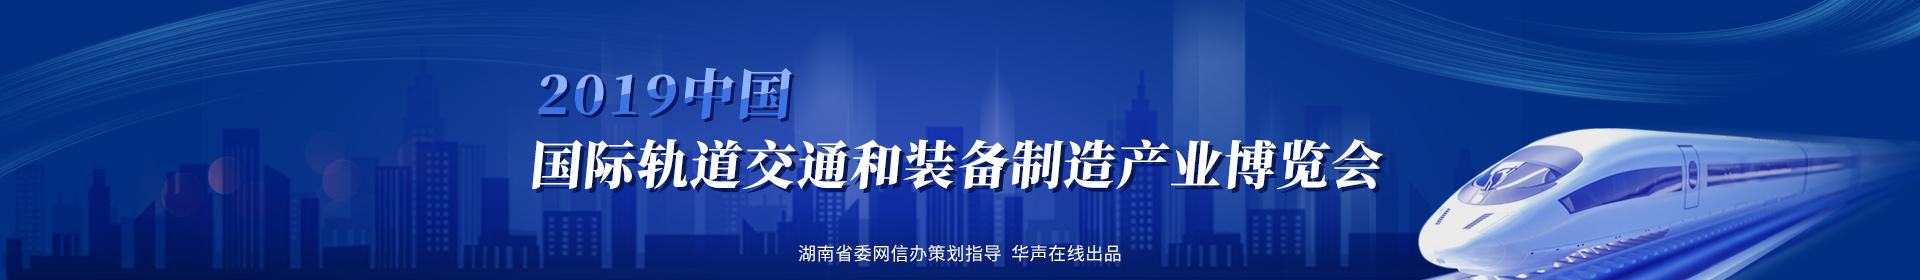 2019中国轨道交通博览会